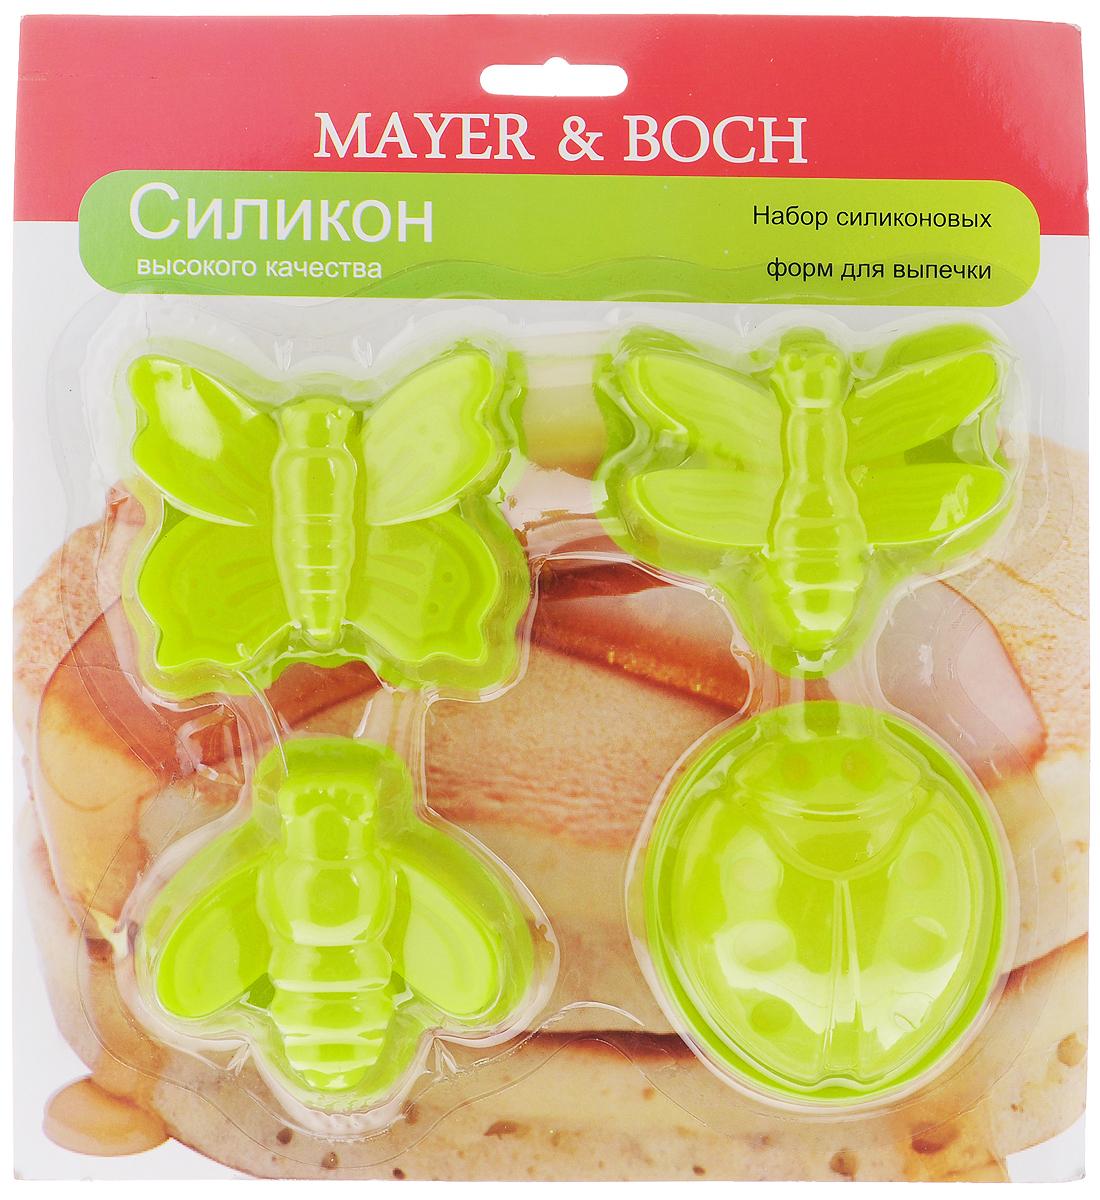 Набор форм для выпечки Mayer & Boch, цвет: салатовый, 4 штFS-91909Формы для выпечки Mayer & Boch, изготовленные из высококачественного силикона,выдерживающего температуру от -40°C до +210°C. В комплекте 4 формы,выполненные в виде насекомых. Если вы любите побаловать своих домашних вкусным и ароматным угощением повашему оригинальному рецепту, то формы Mayer & Boch как раз то, что вам нужно!Можно использовать в духовом шкафу и микроволновой печи без использованиярежима гриль.Подходит для морозильной камеры и мытья в посудомоечной машине.Размеры формы: 7 х 7 х 3 см.